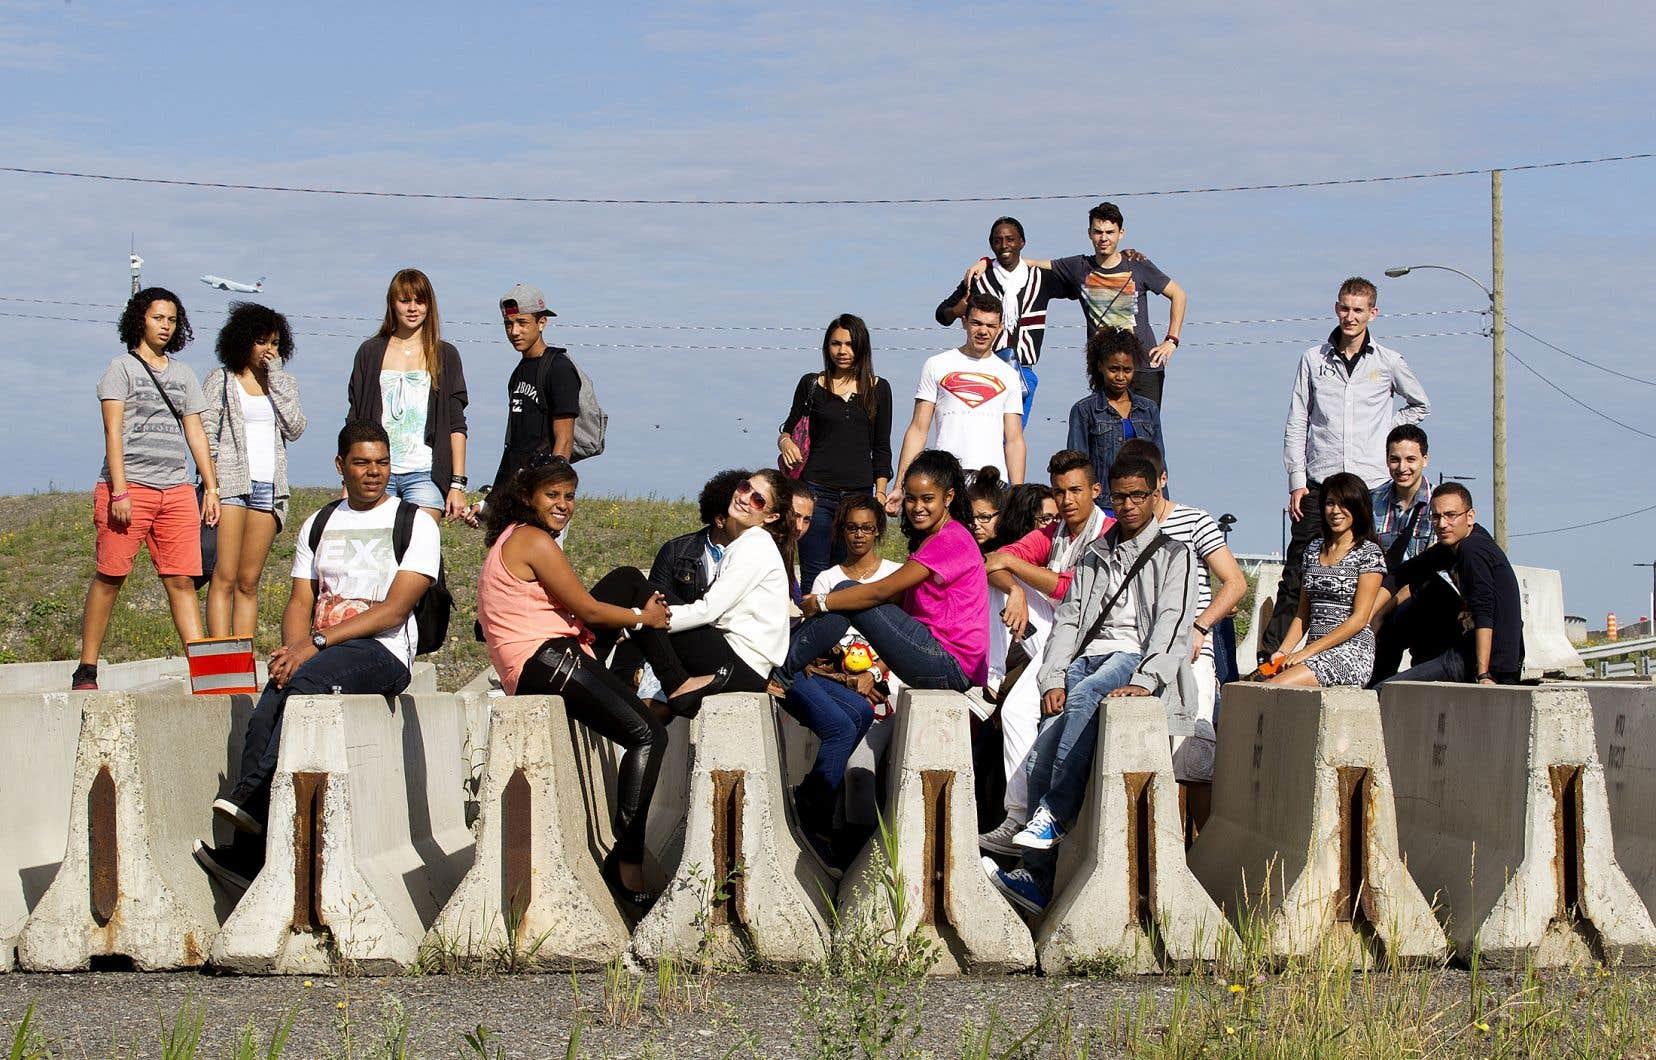 Le Cégep de Jonquière attire chaque année quelques dizaines d'étudiants originaires de l'île de la Réunion.